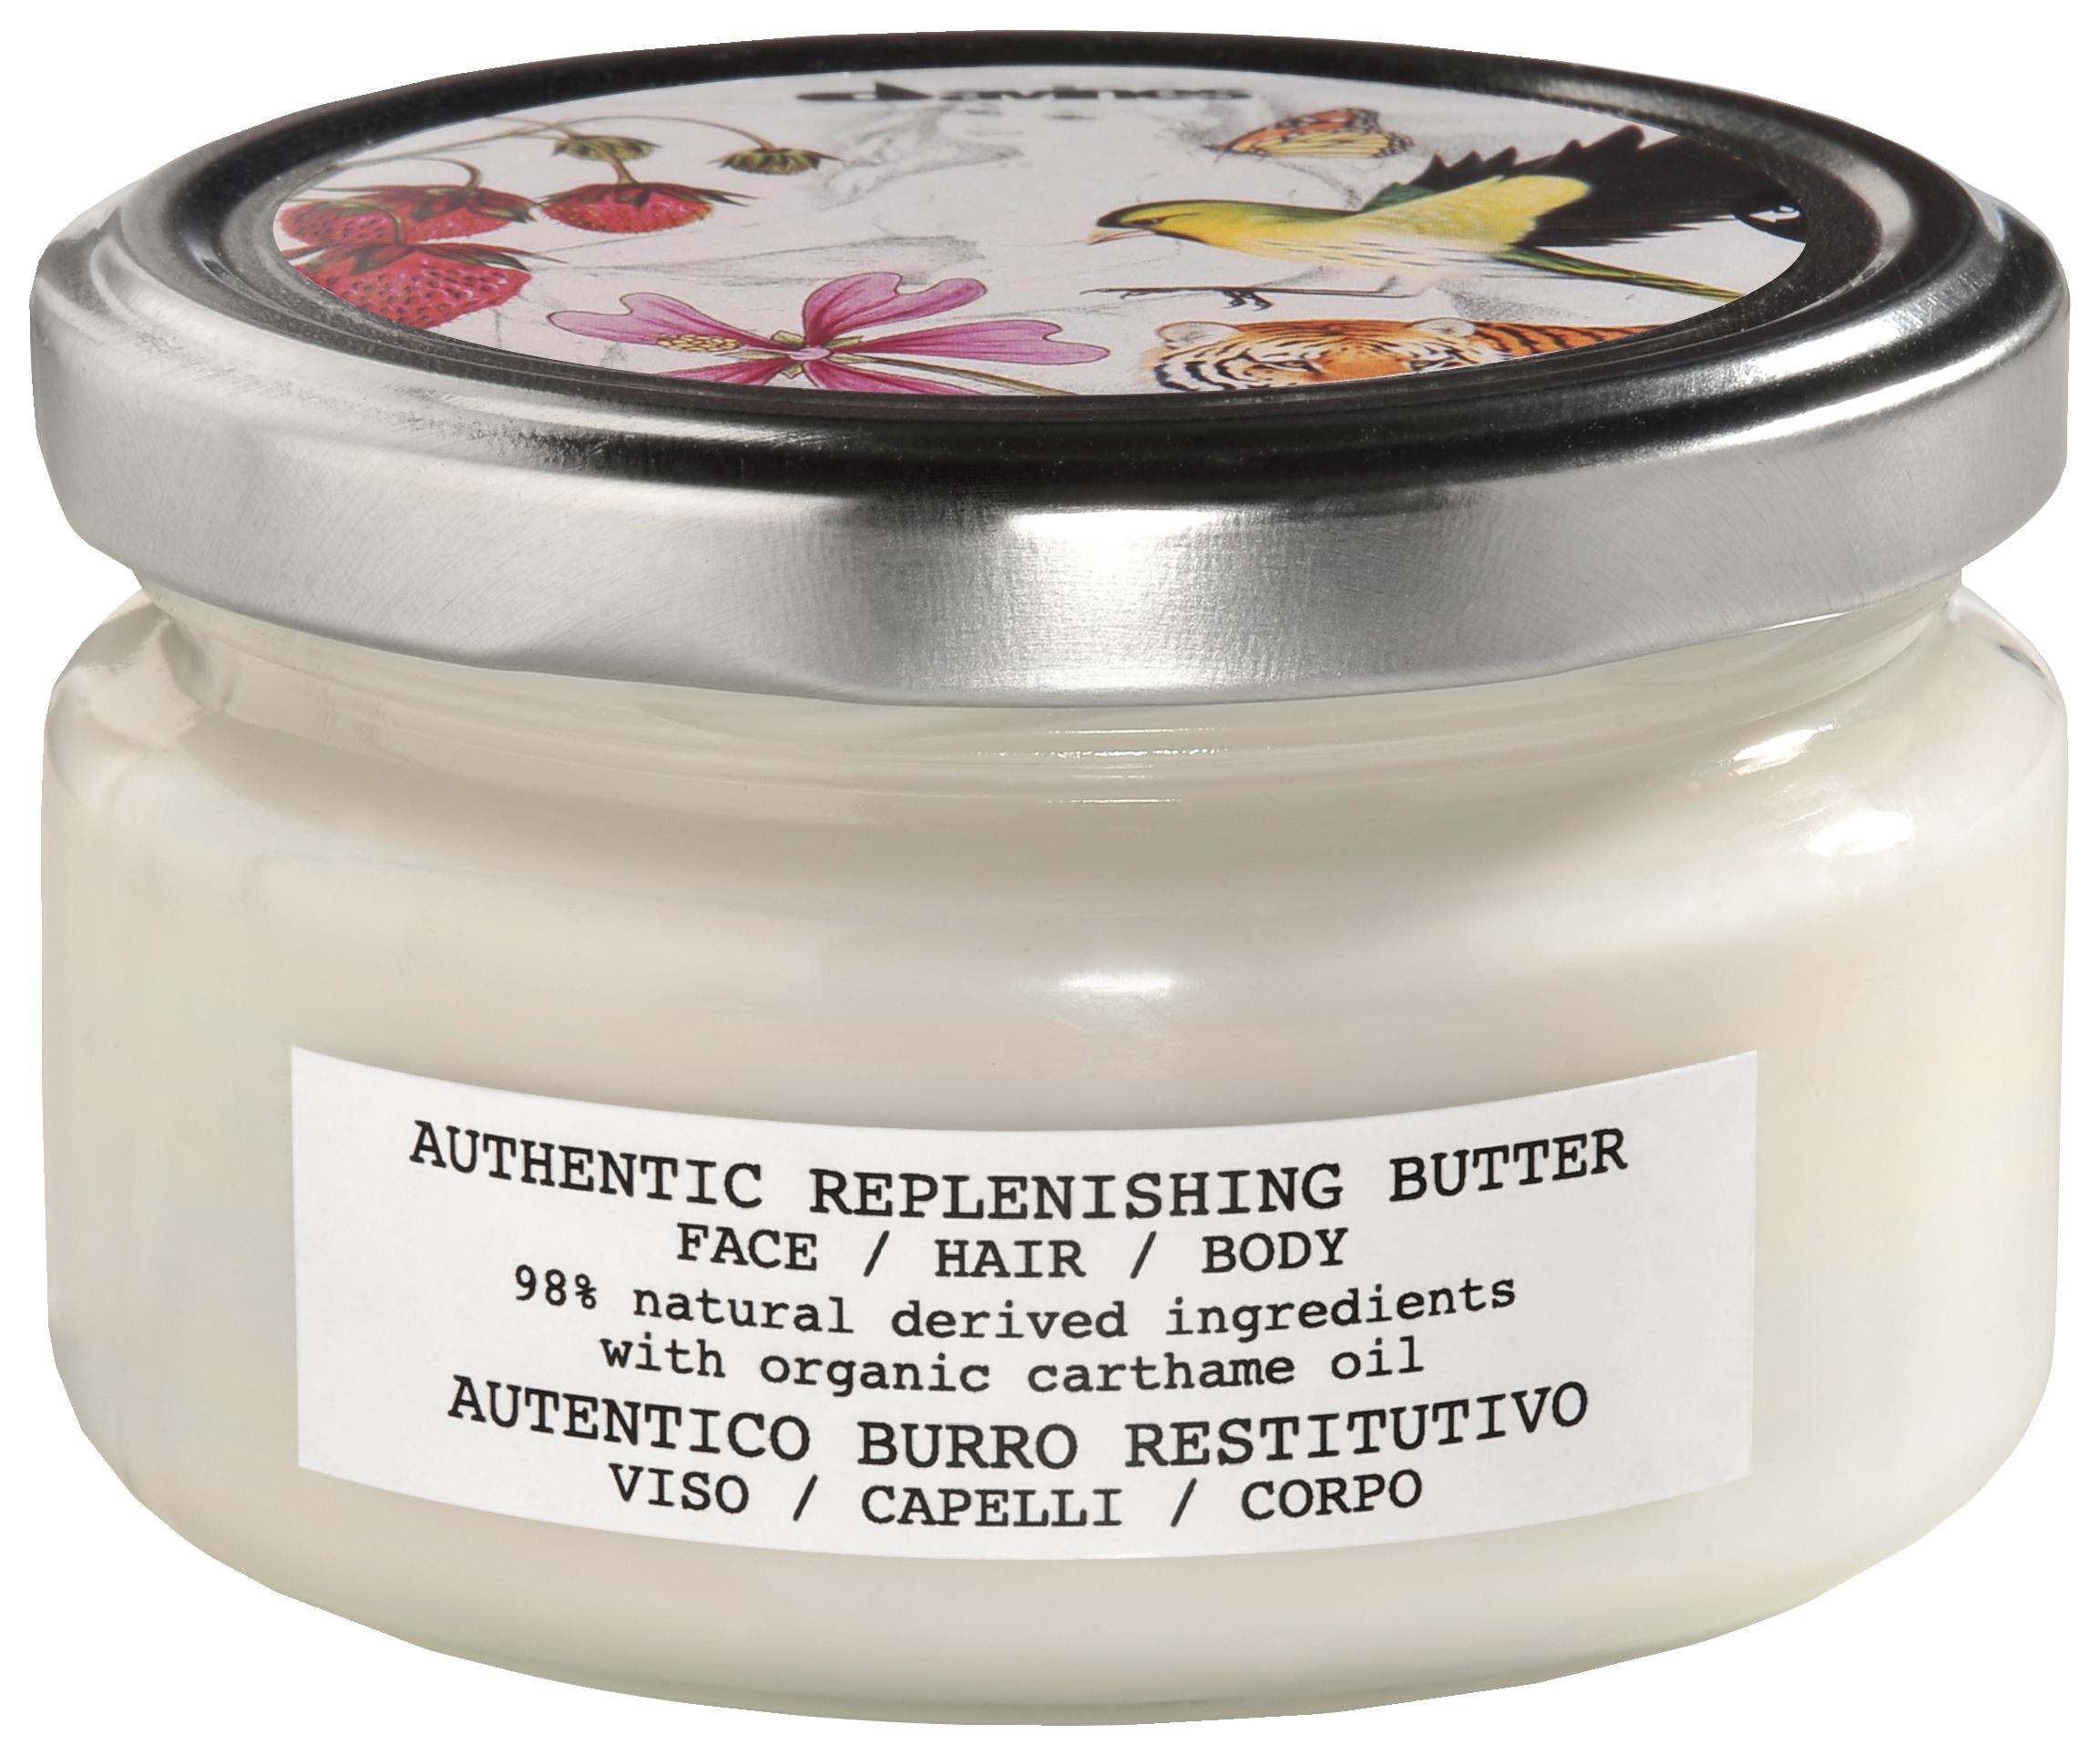 authentic replenishing butter.jpg